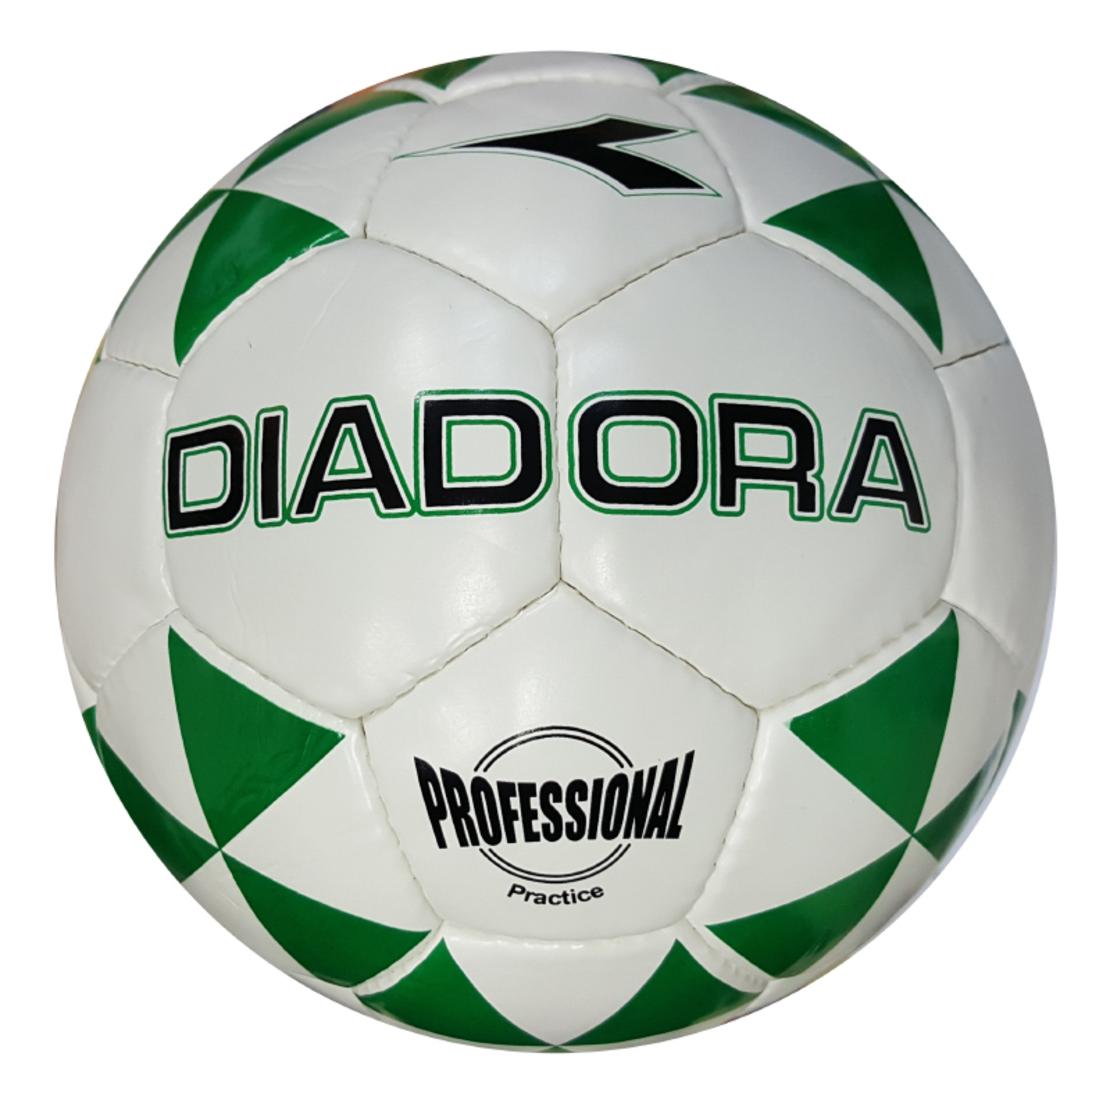 כדורגל דיאדורה מס'4 Diadora Pro Practice 0